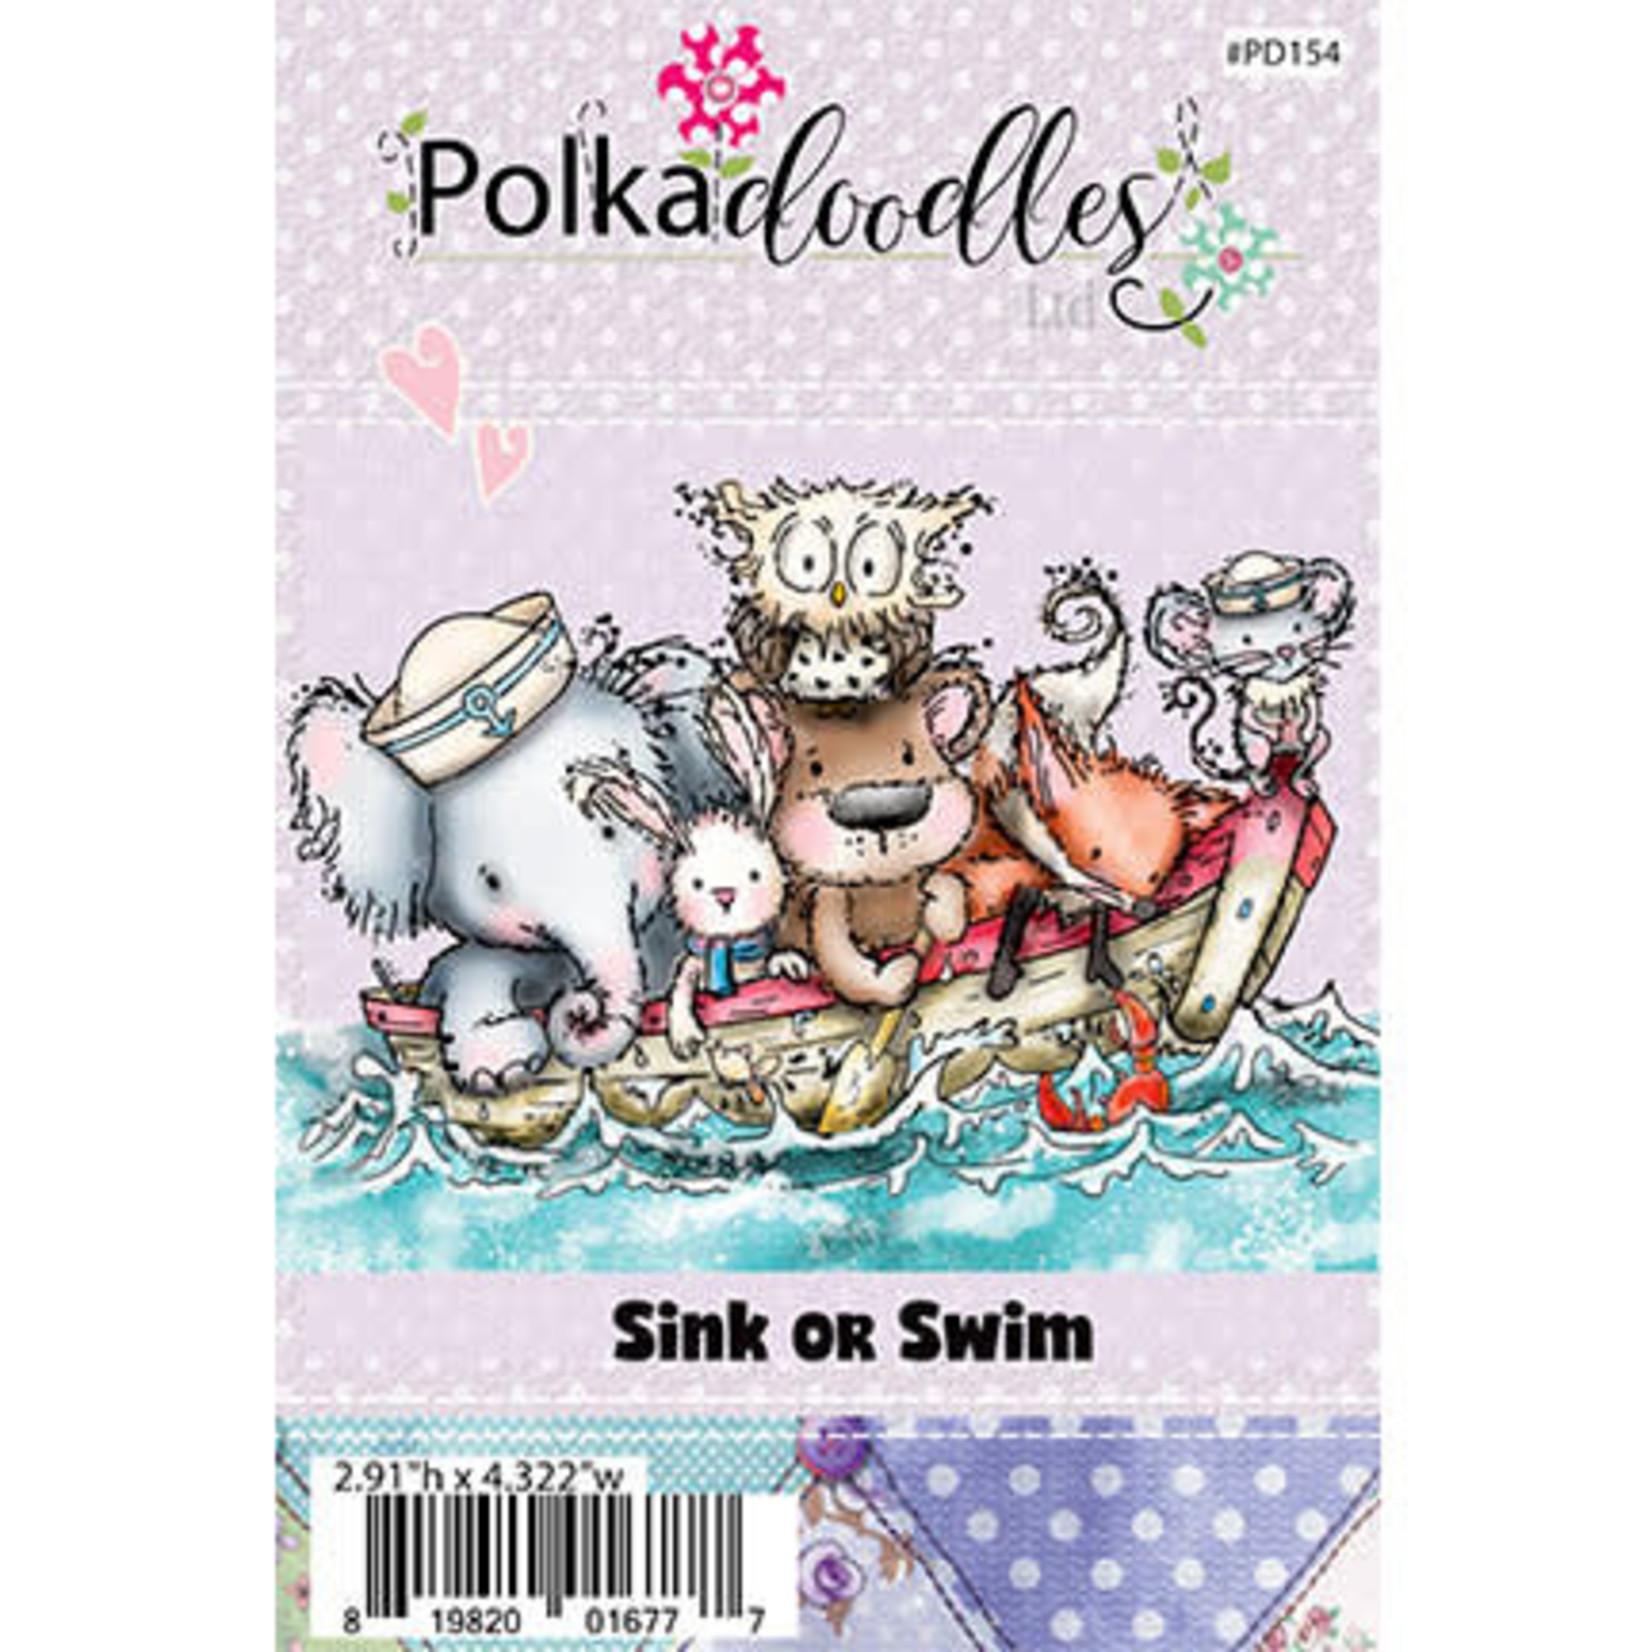 LDRS - Polkadoodles - Sink or Swim